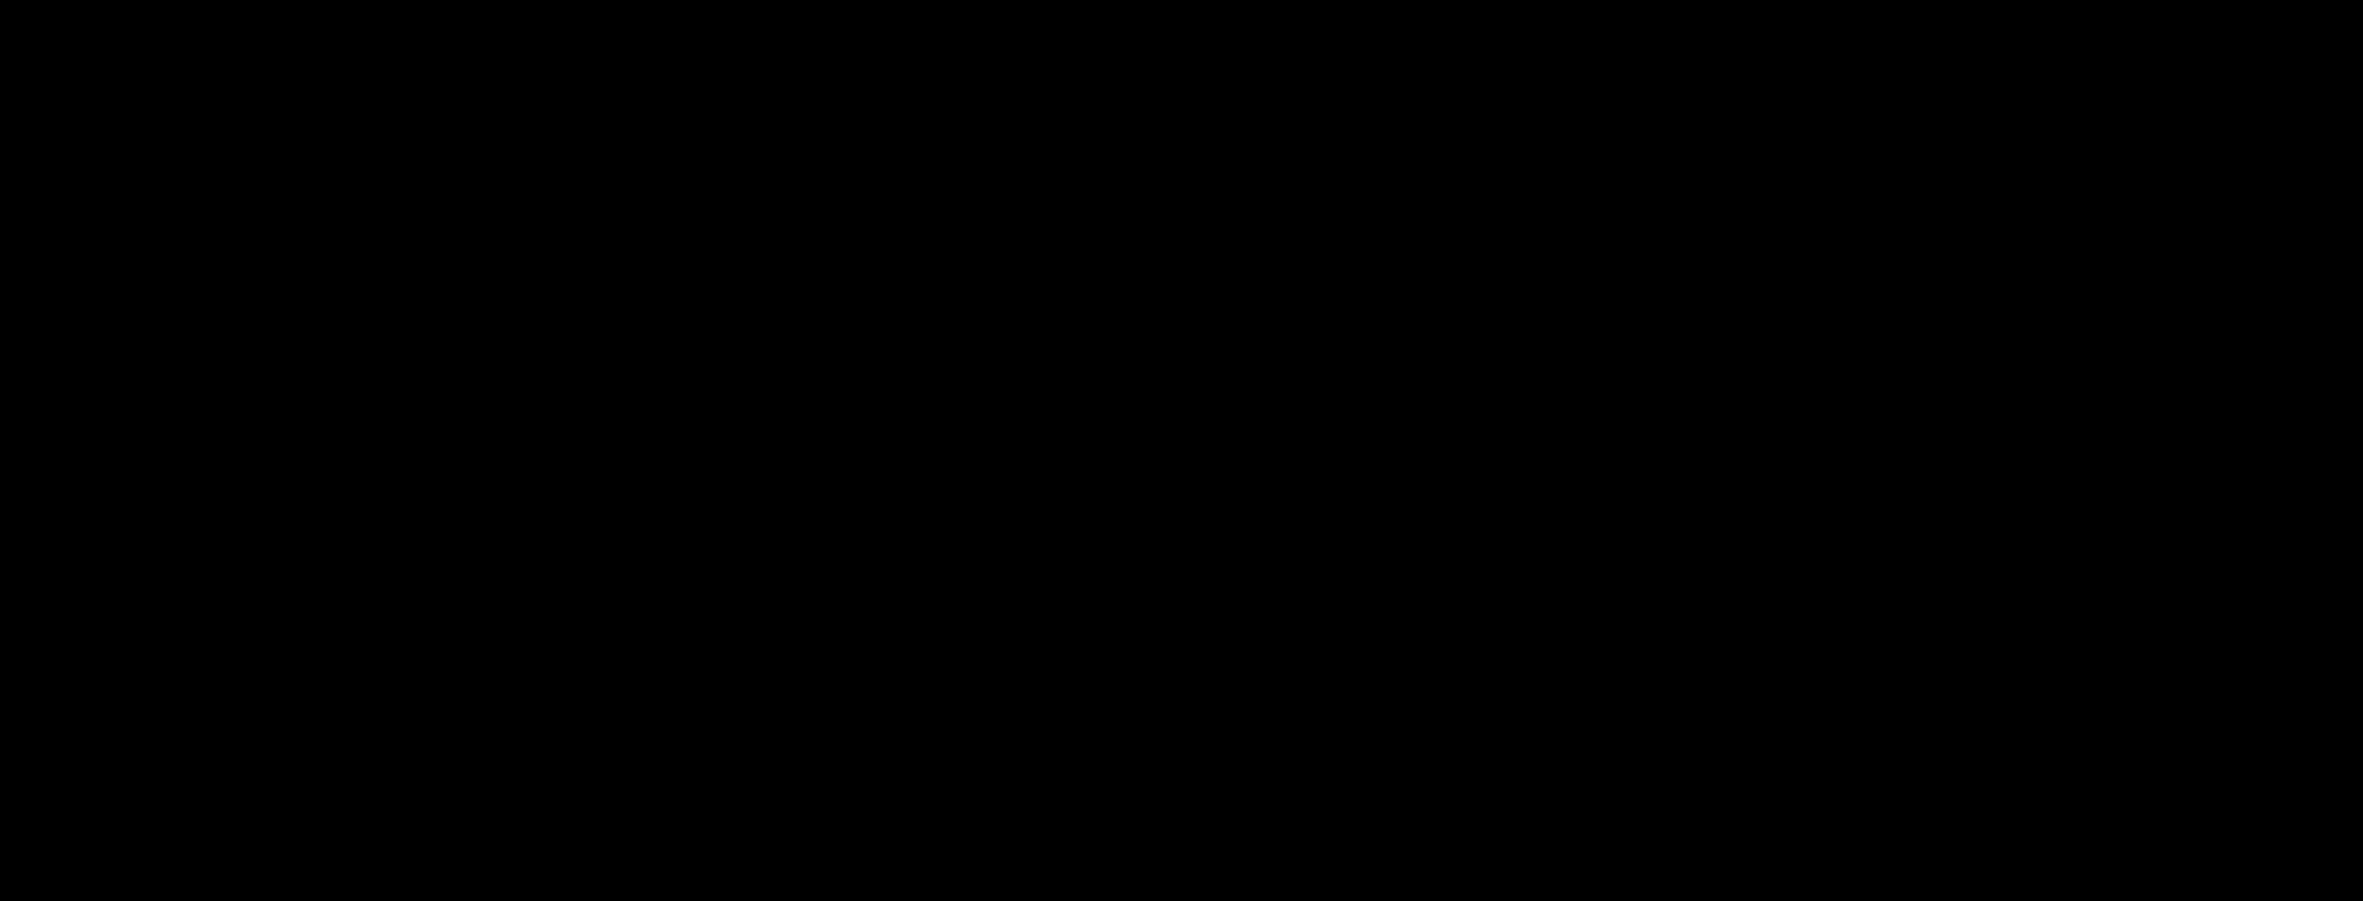 Risultati immagini per cartapietra logo